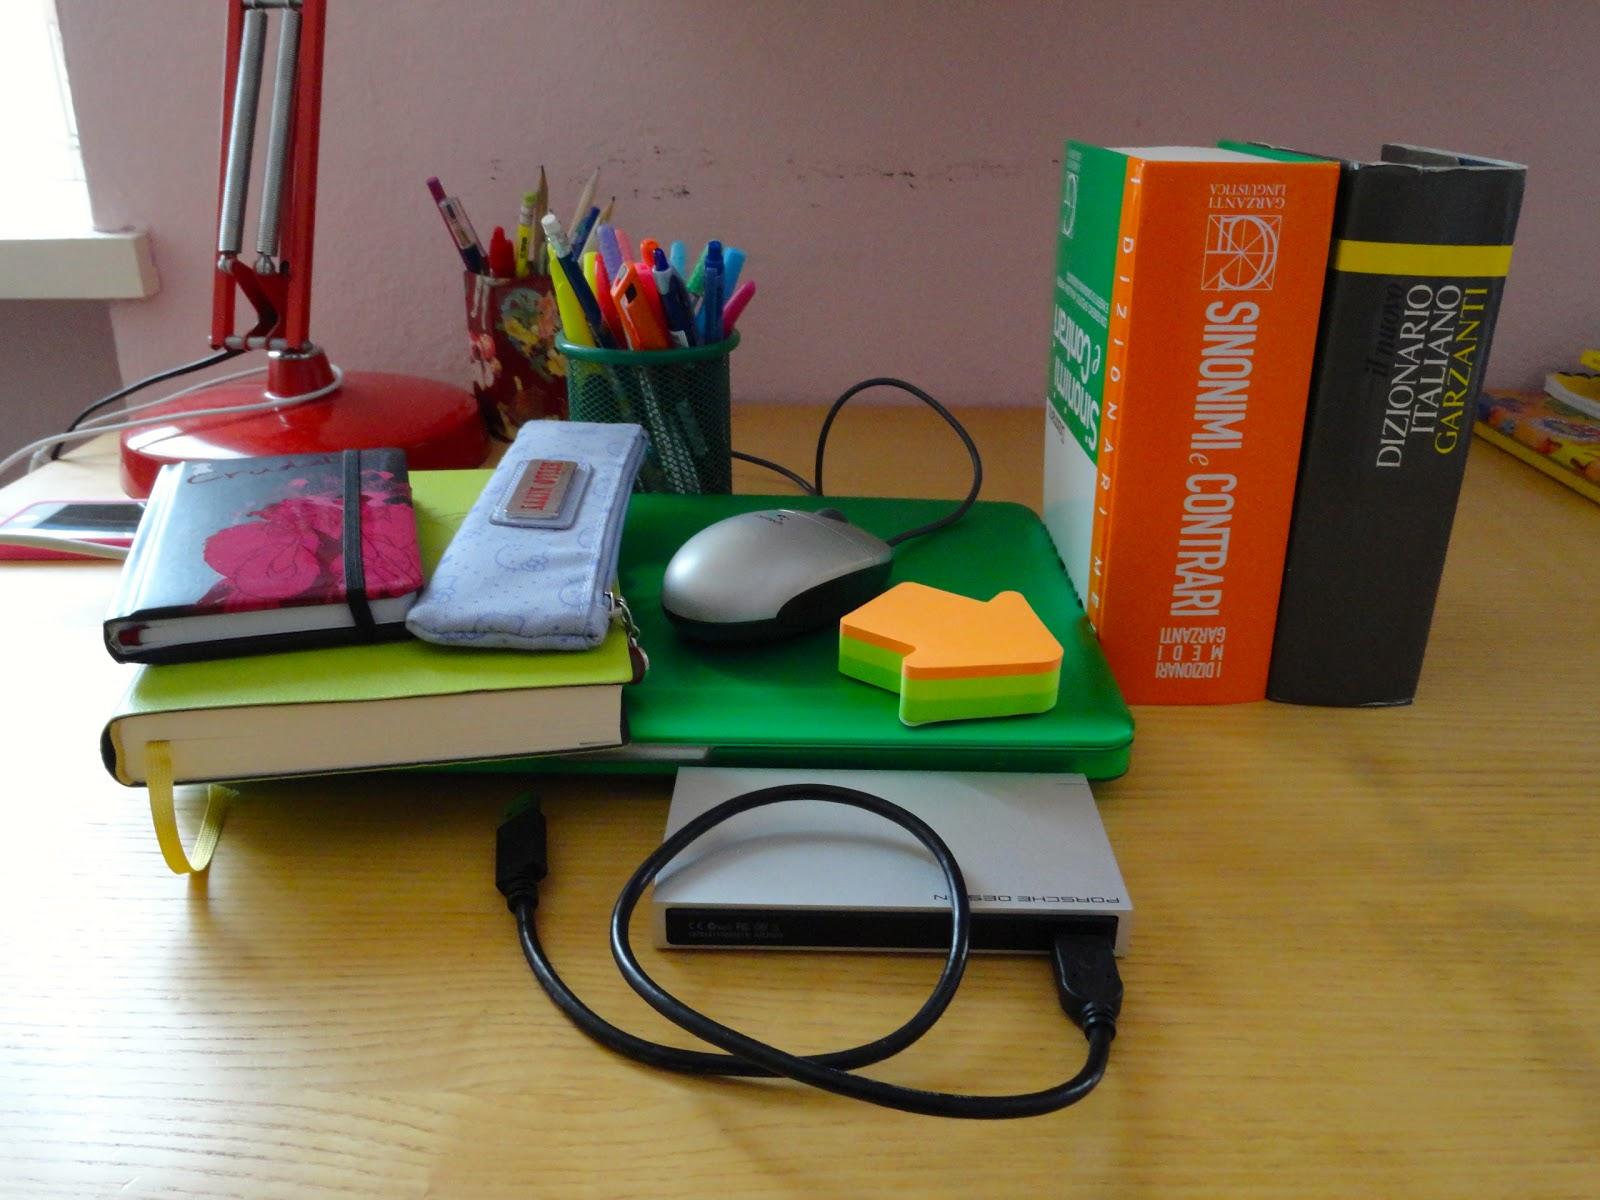 Word in progress cosa non deve mancare nel laboratorio di uno scrittore - Cosa non deve mancare in casa ...